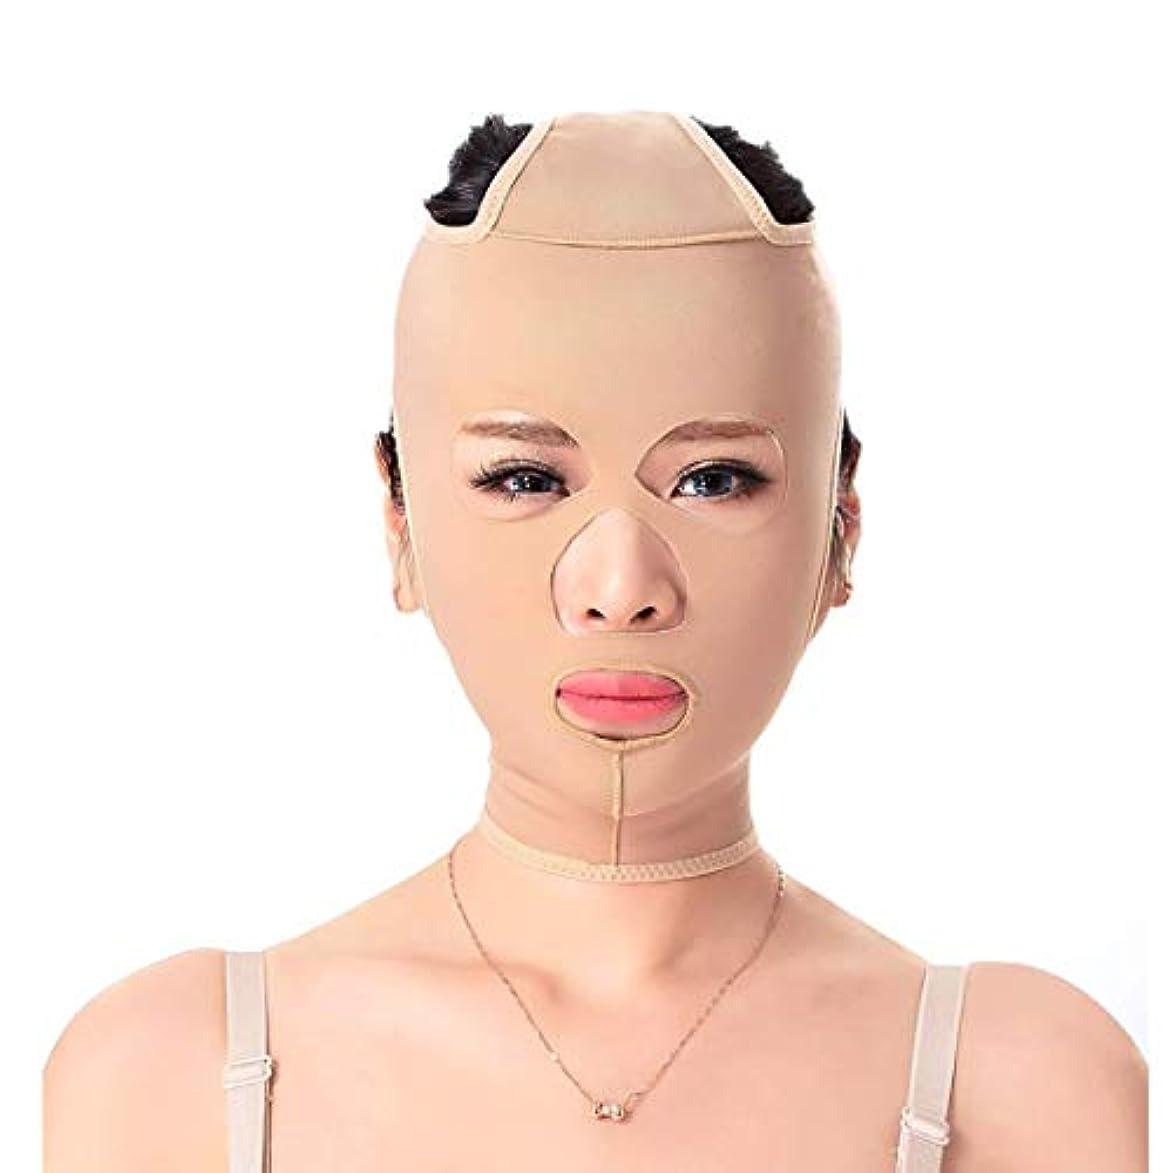 洗剤ブルーベル荒れ地スリミングベルト、二重あごの引き締め顔面プラスチック顔アーティファクト強力な顔の包帯を脇に持ち上げるパターンを欺くためのフェイシャルマスク薄いフェイスマスク(サイズ:XXL),ザ?